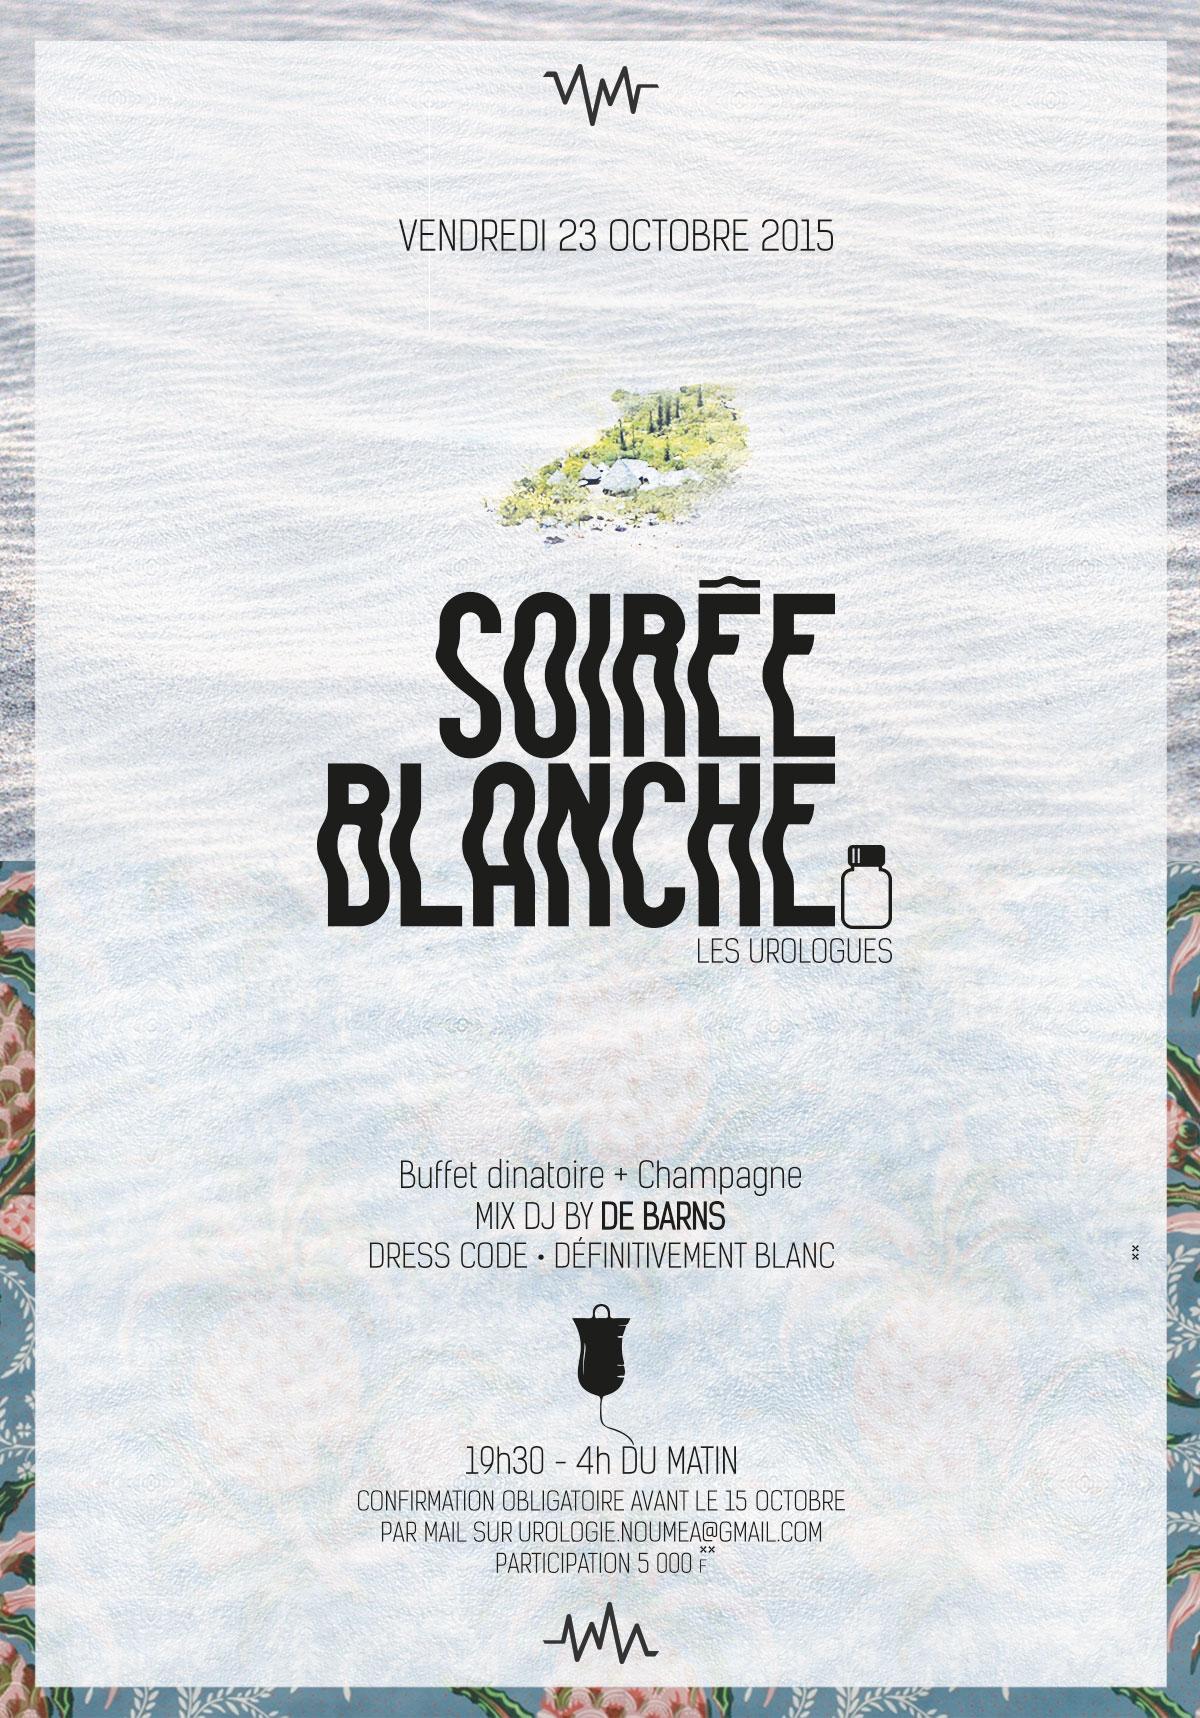 FLYEr-LWAS-SOIREE-BLANCHE